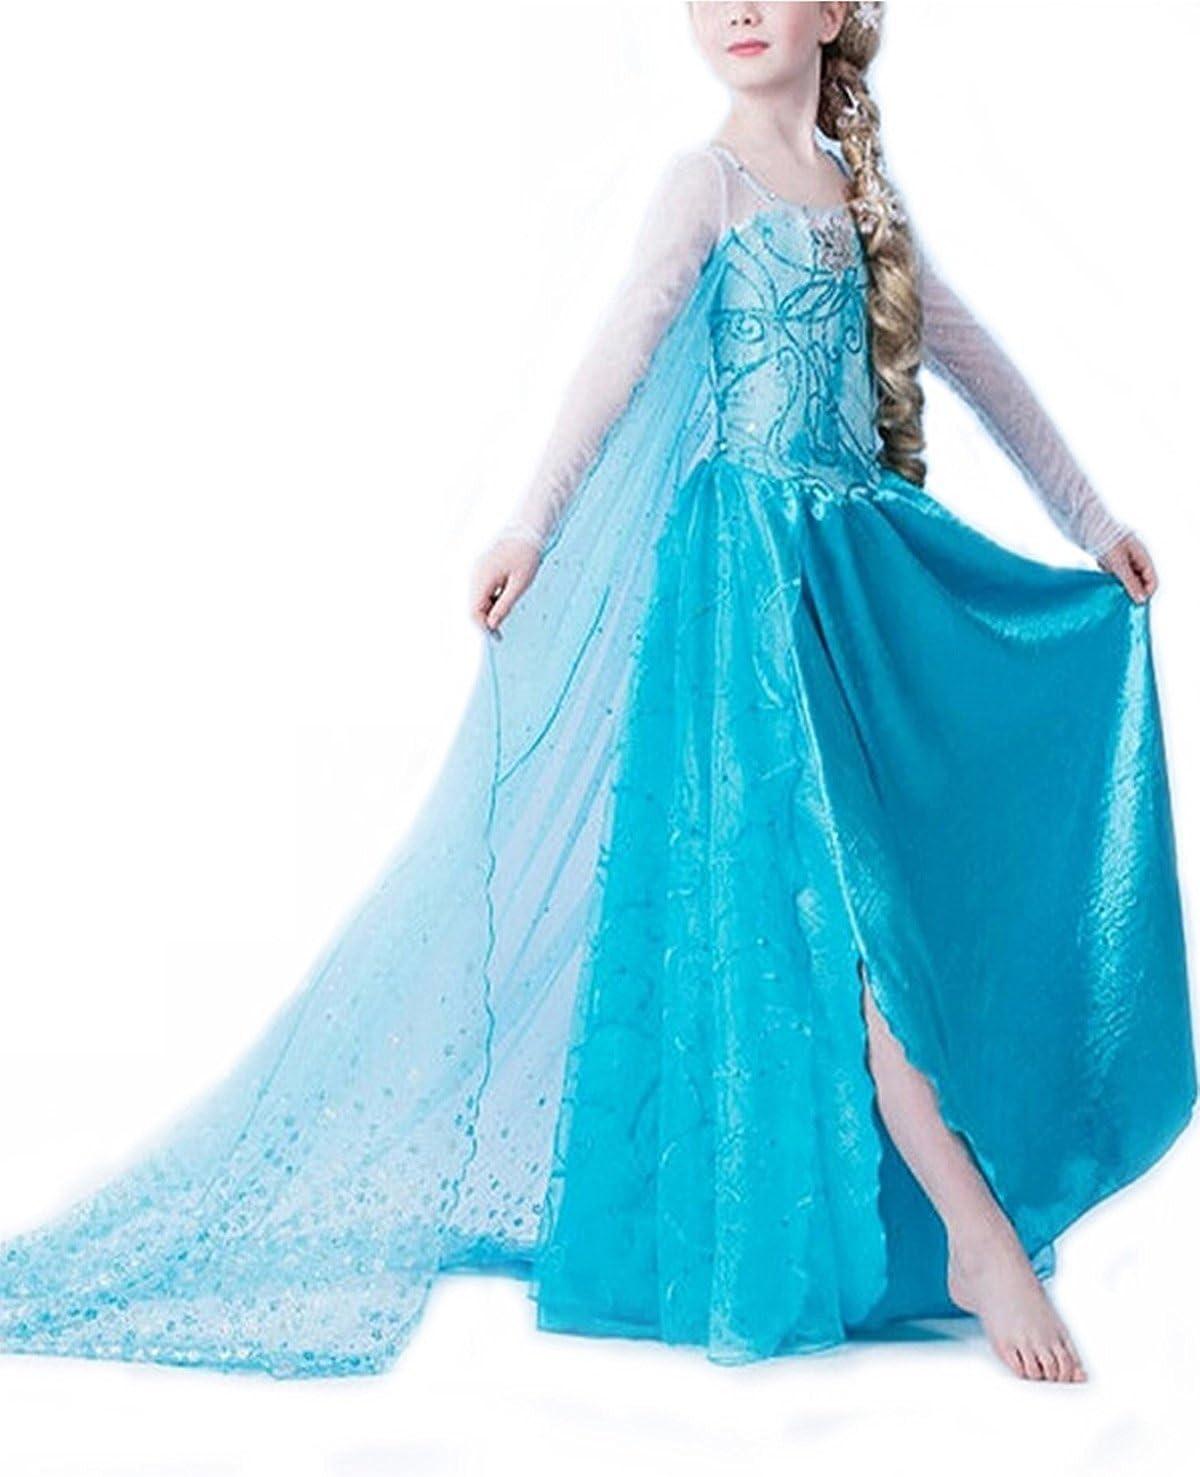 """140-146 Costume bambina /""""Regina del Ghiaccio//Principessa delle Nevi/"""" con strascico e ricamo a spirale Tg 150 Blu"""